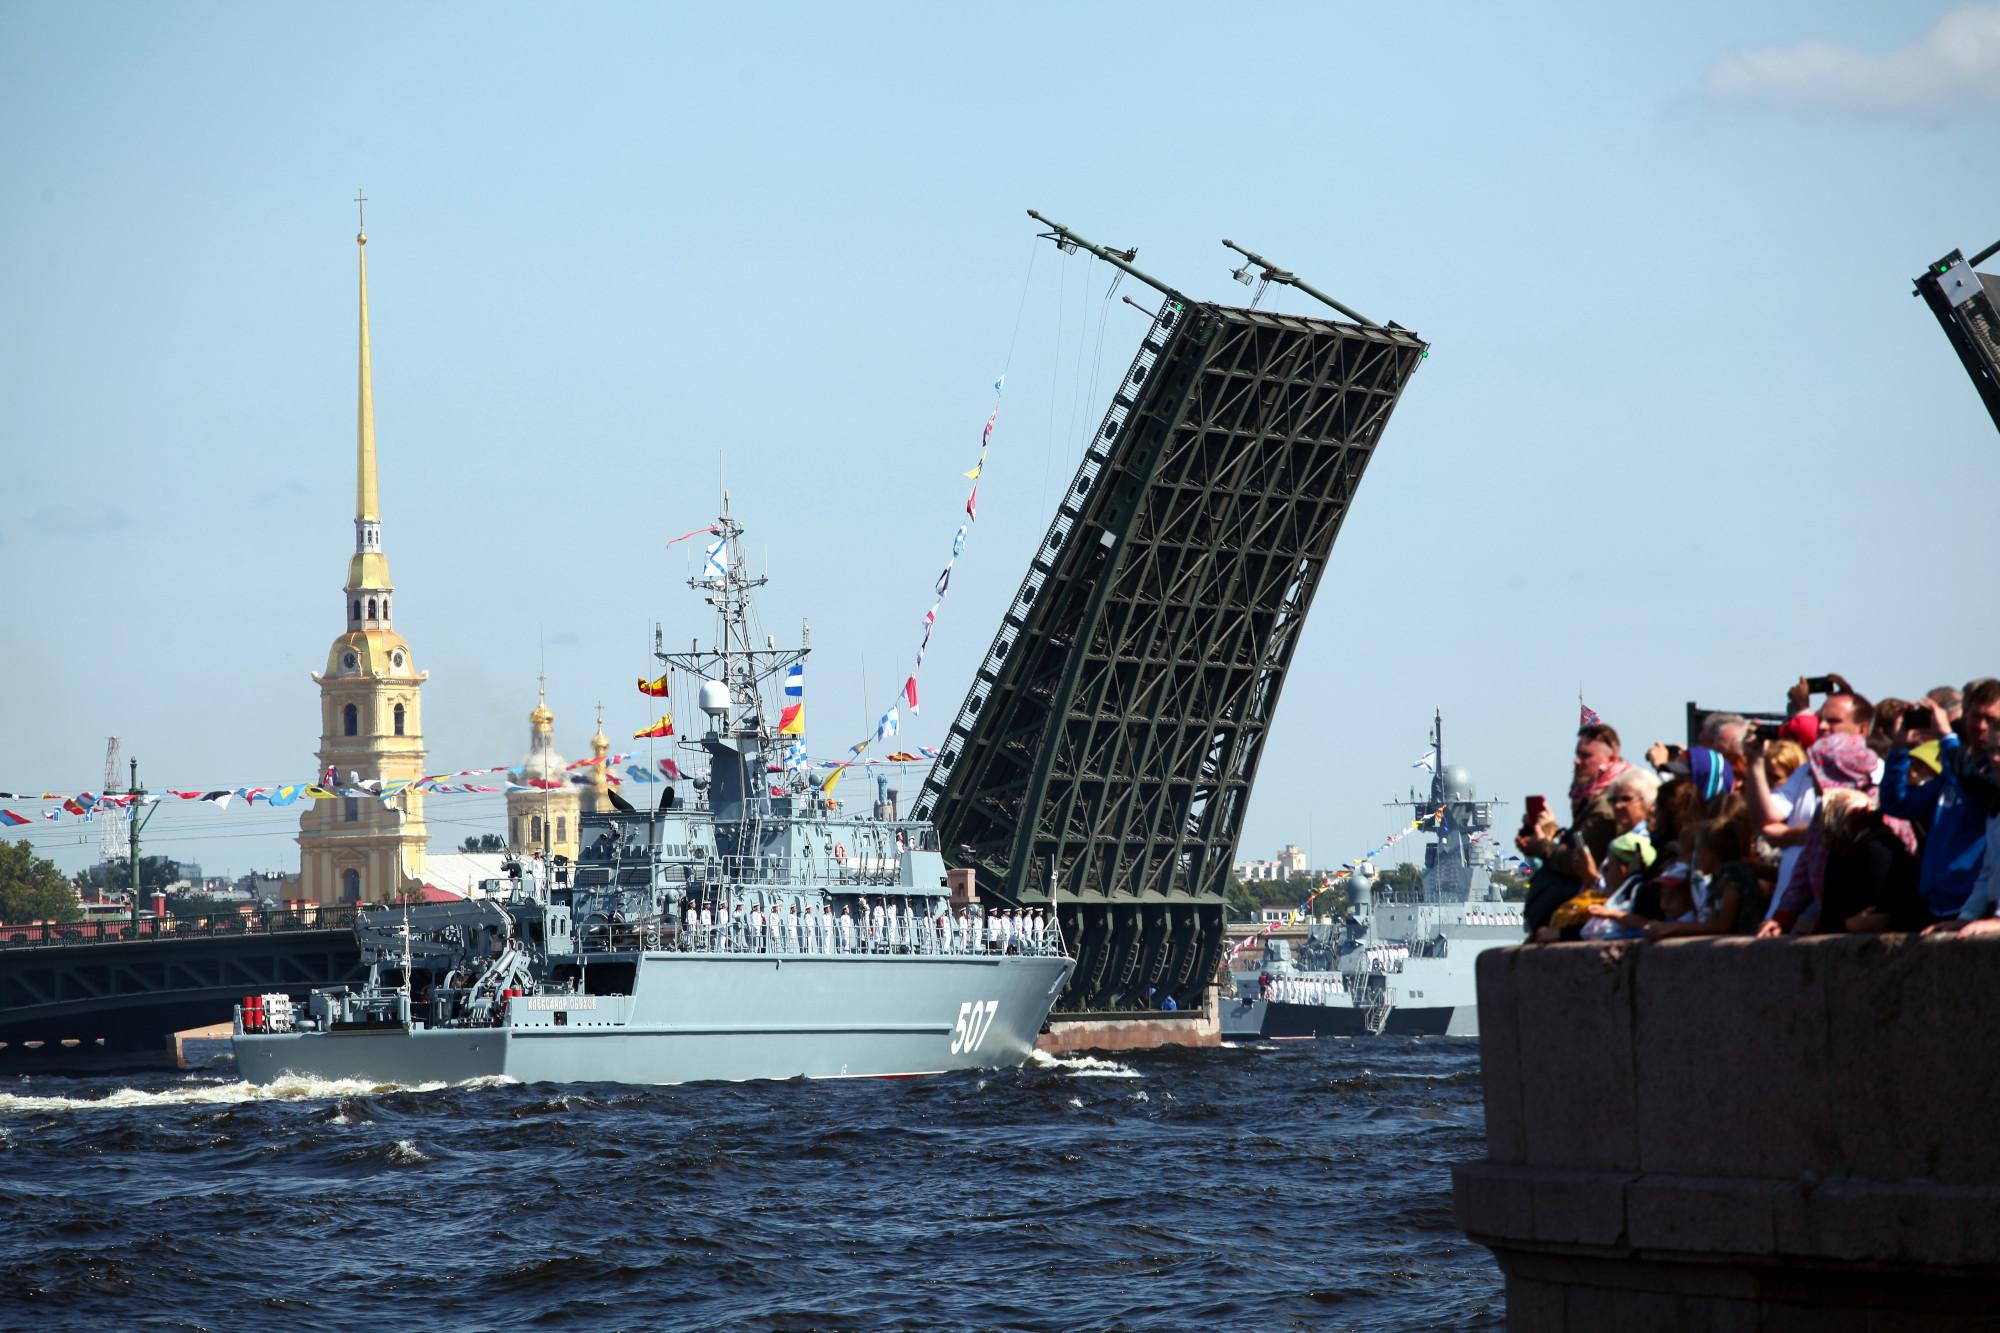 подход фотографии парада вмф россии санкт петербург мастер-класс фото детальная